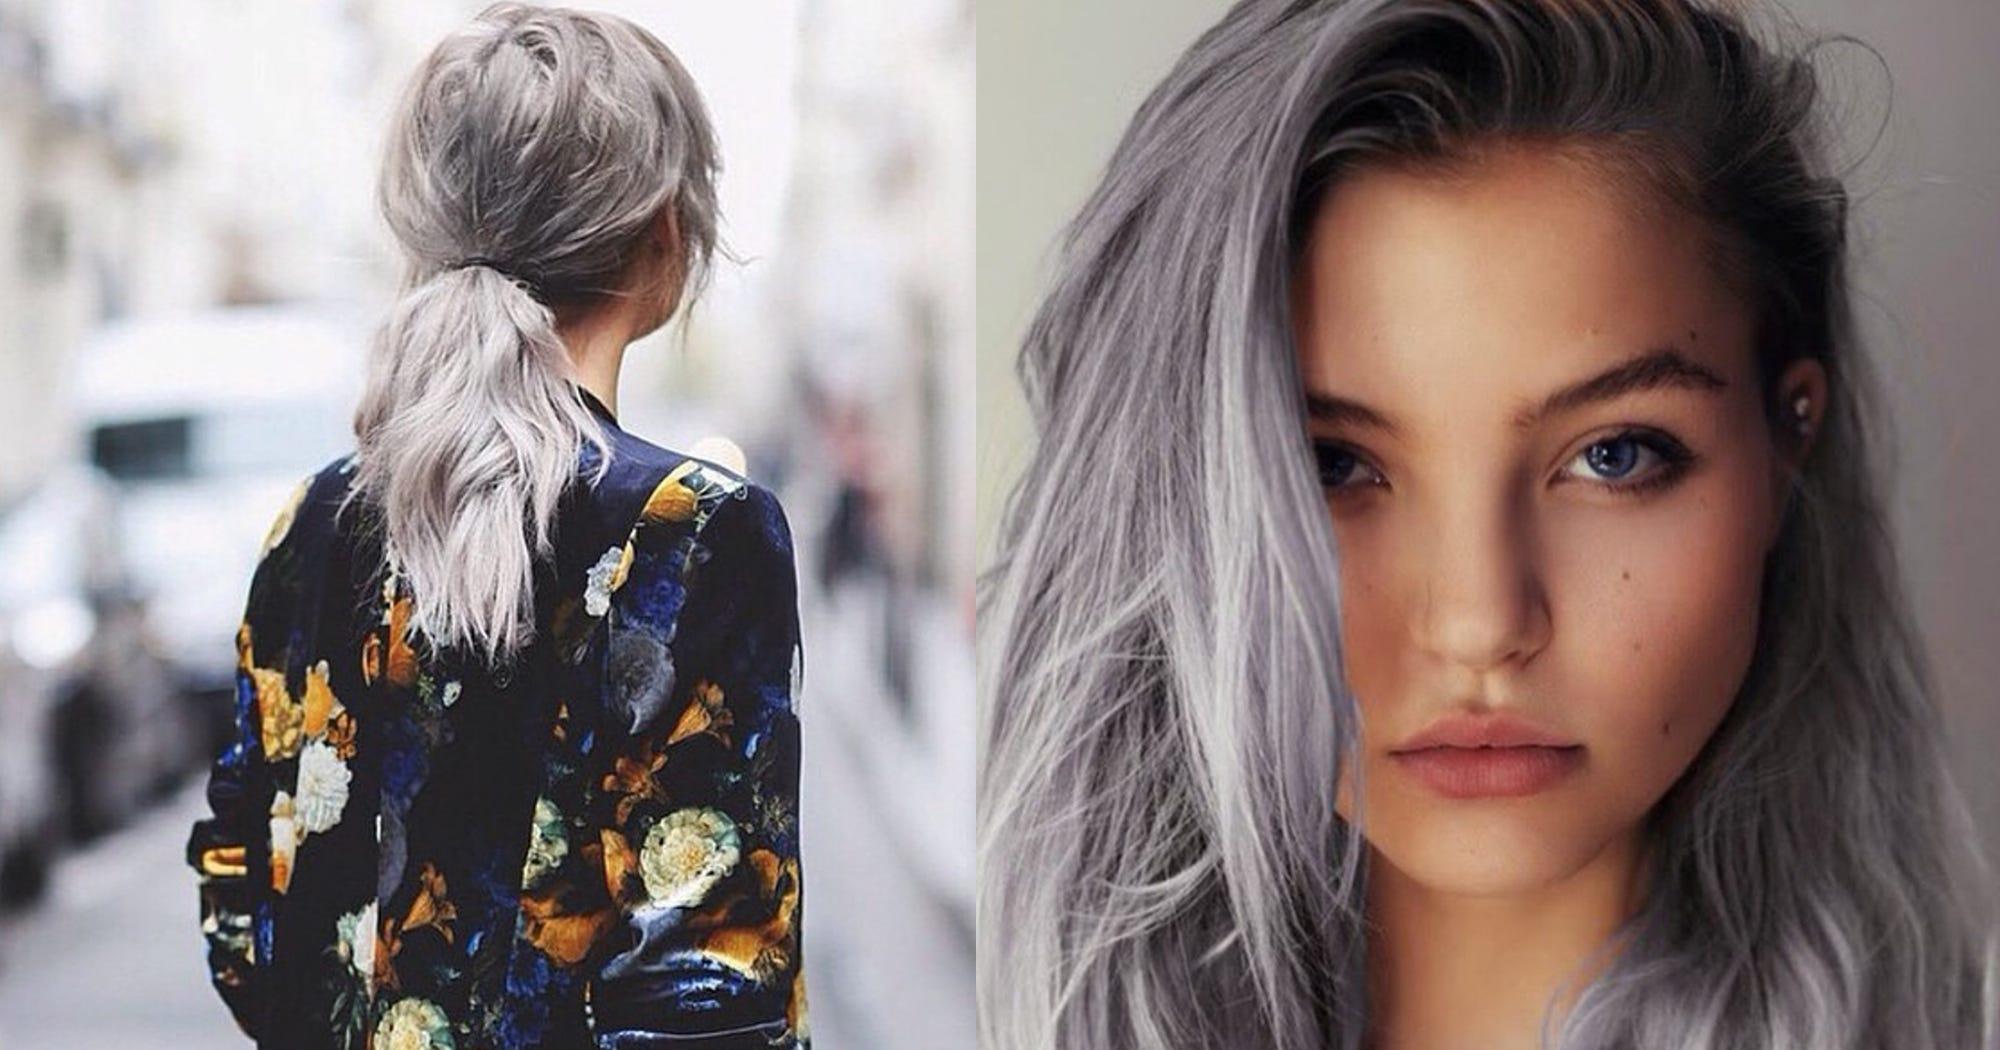 Mit haaren frisuren grauen Prinzessin Caroline